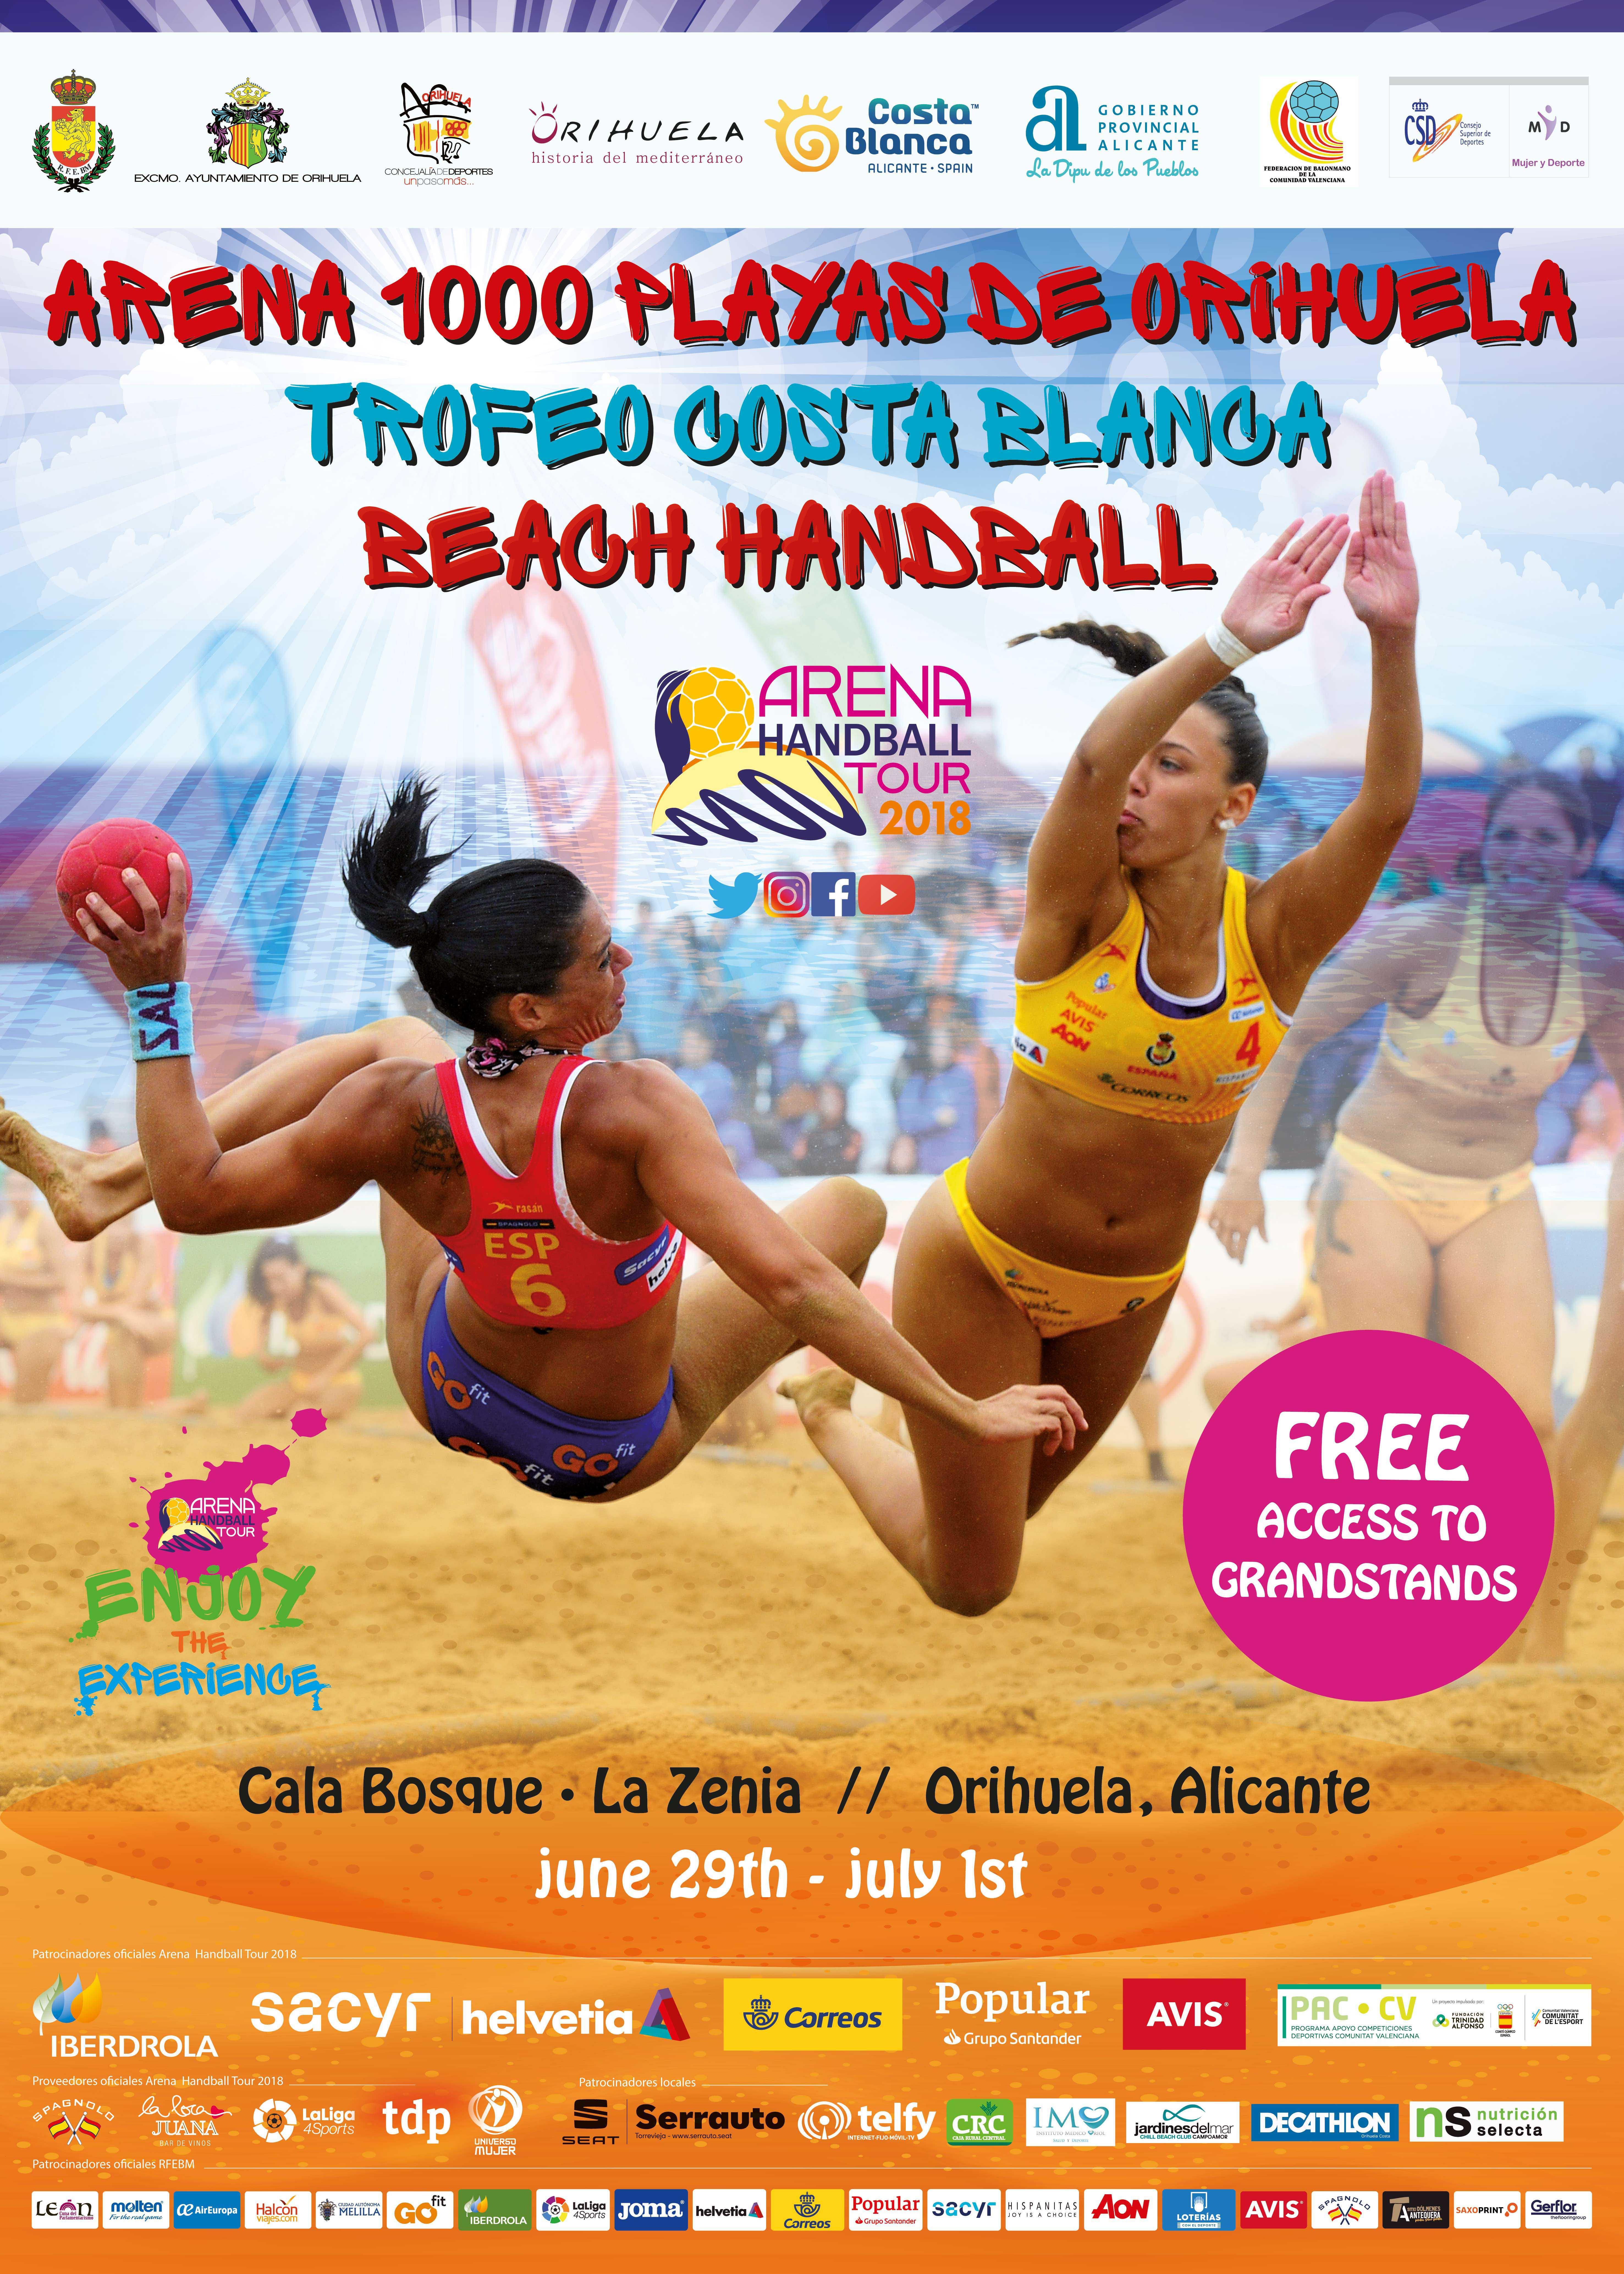 International Handball Weekend on Orihuela Costa